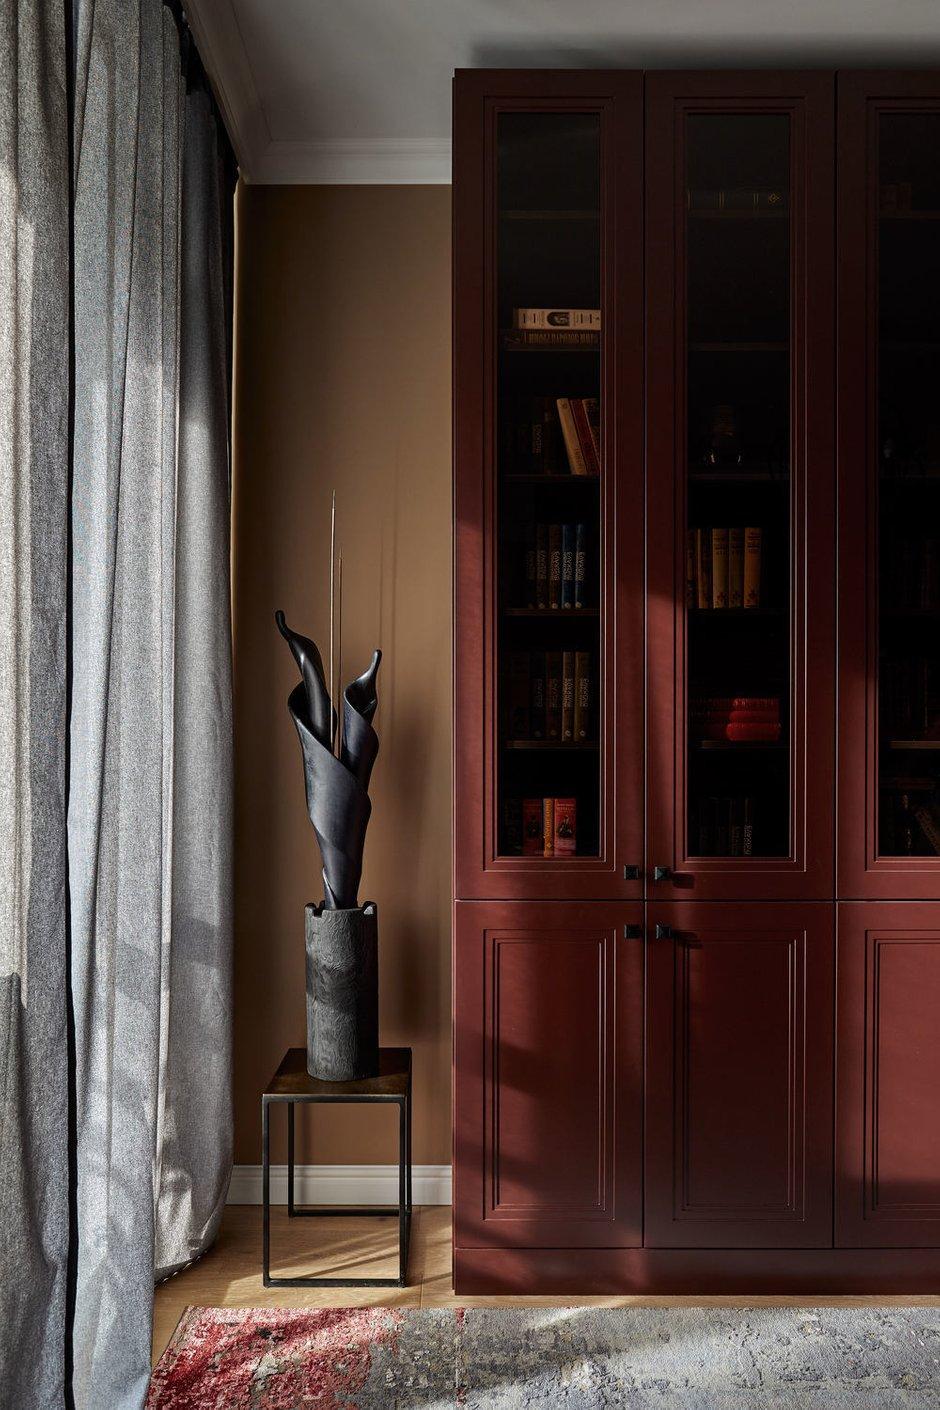 Фотография: Кабинет в стиле Современный, Квартира, Проект недели, Долгопрудный, 4 и больше, Более 90 метров, Марина Каралкина – фото на INMYROOM